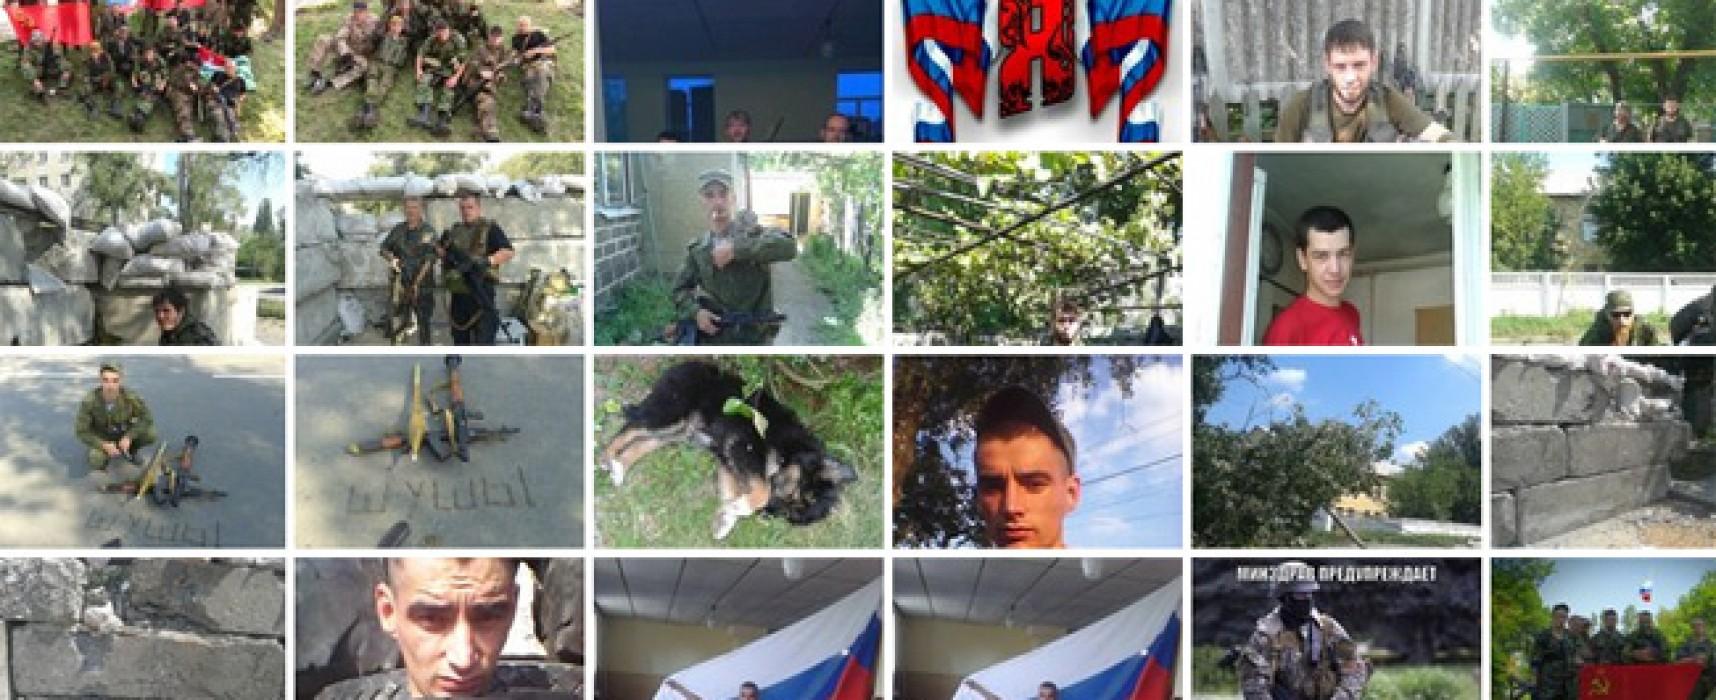 Российские боевики, воюющие в Донбассе (фото)